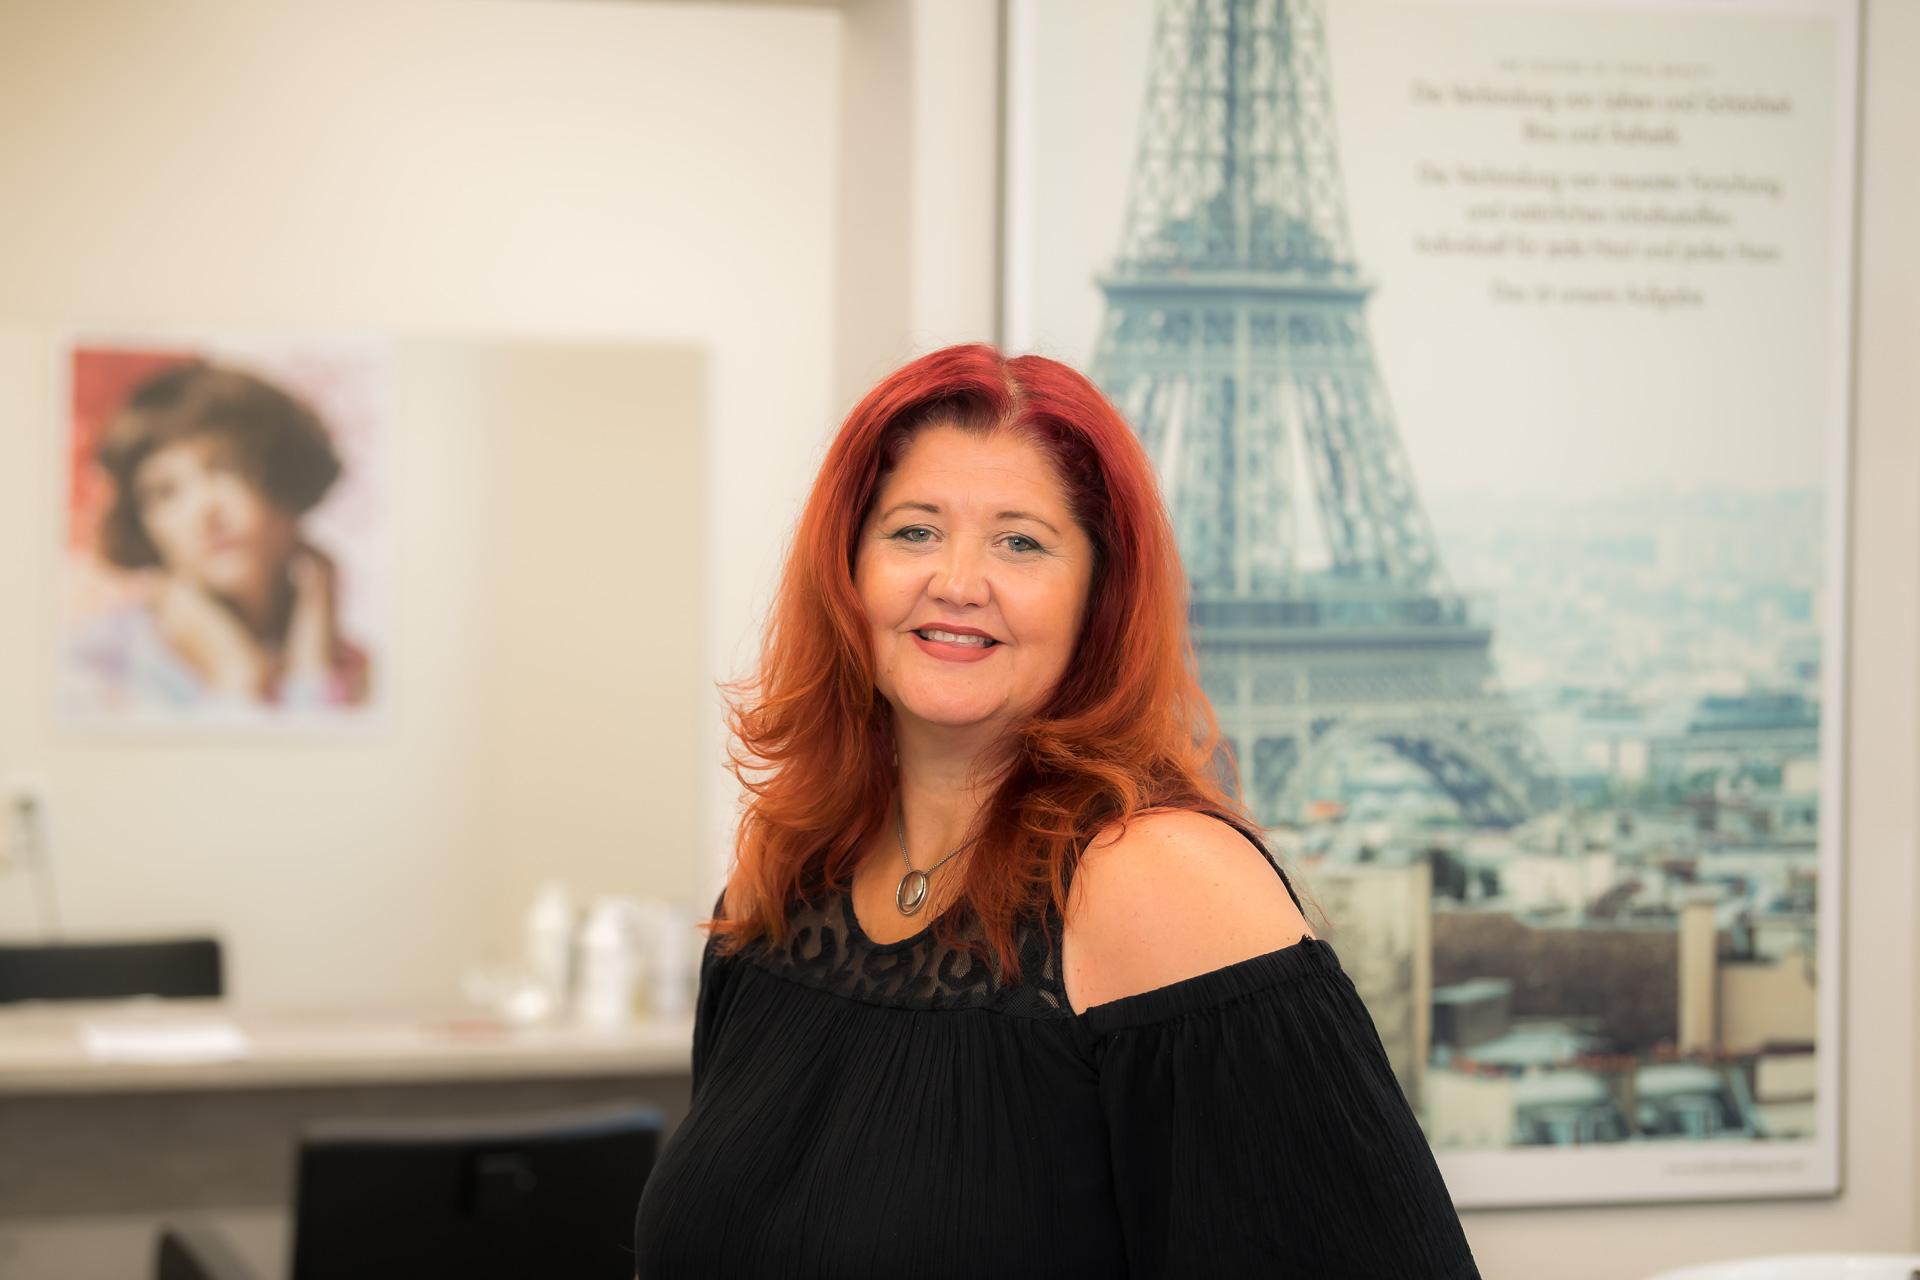 Simone Alff